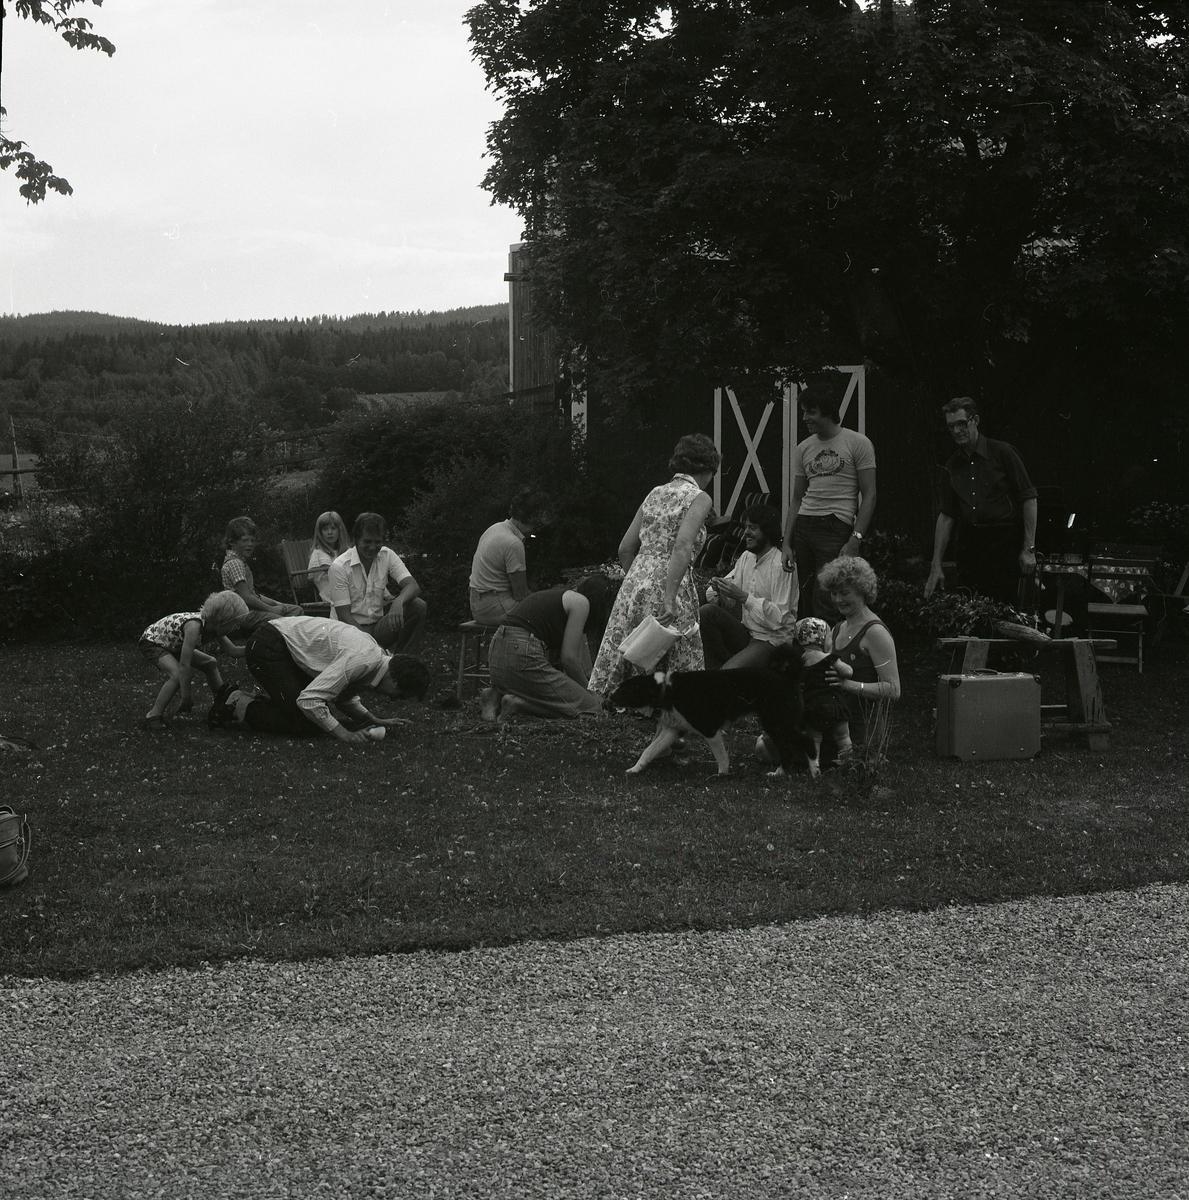 Ett midsommarfirande på gården Sunnanåker 1979 tar plats på gräsmattan intill logen. Några barn leker med både vuxna och varandra medan en hund nyfiket traskar förbi. På tomten står träd och buskar med granna lövverk vilket reflekteras i horisonten där skogen står i sommarklädnad.